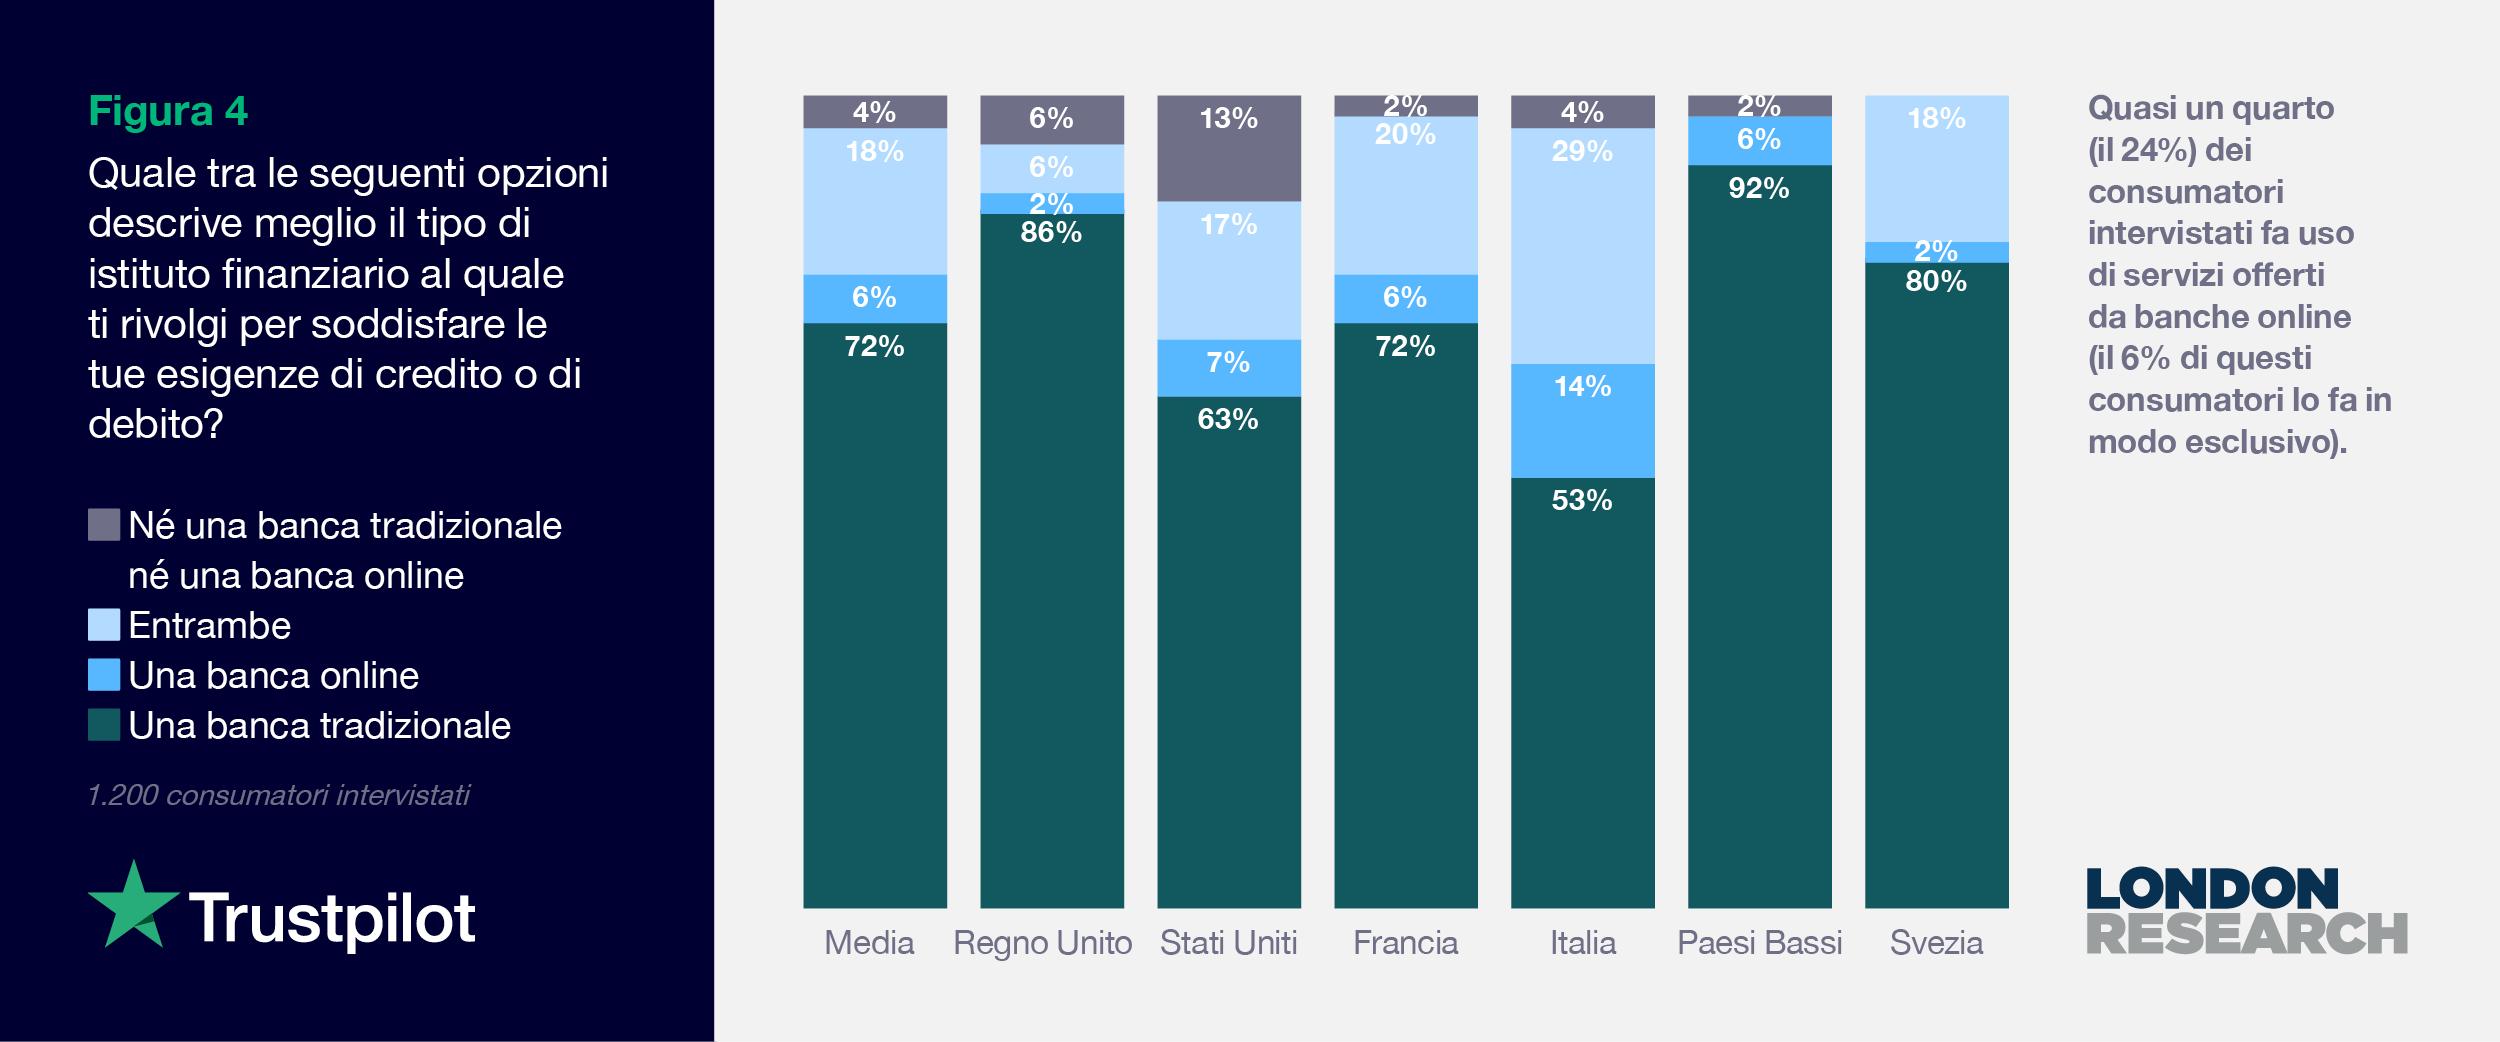 Figura 4 - Finance Report 2021